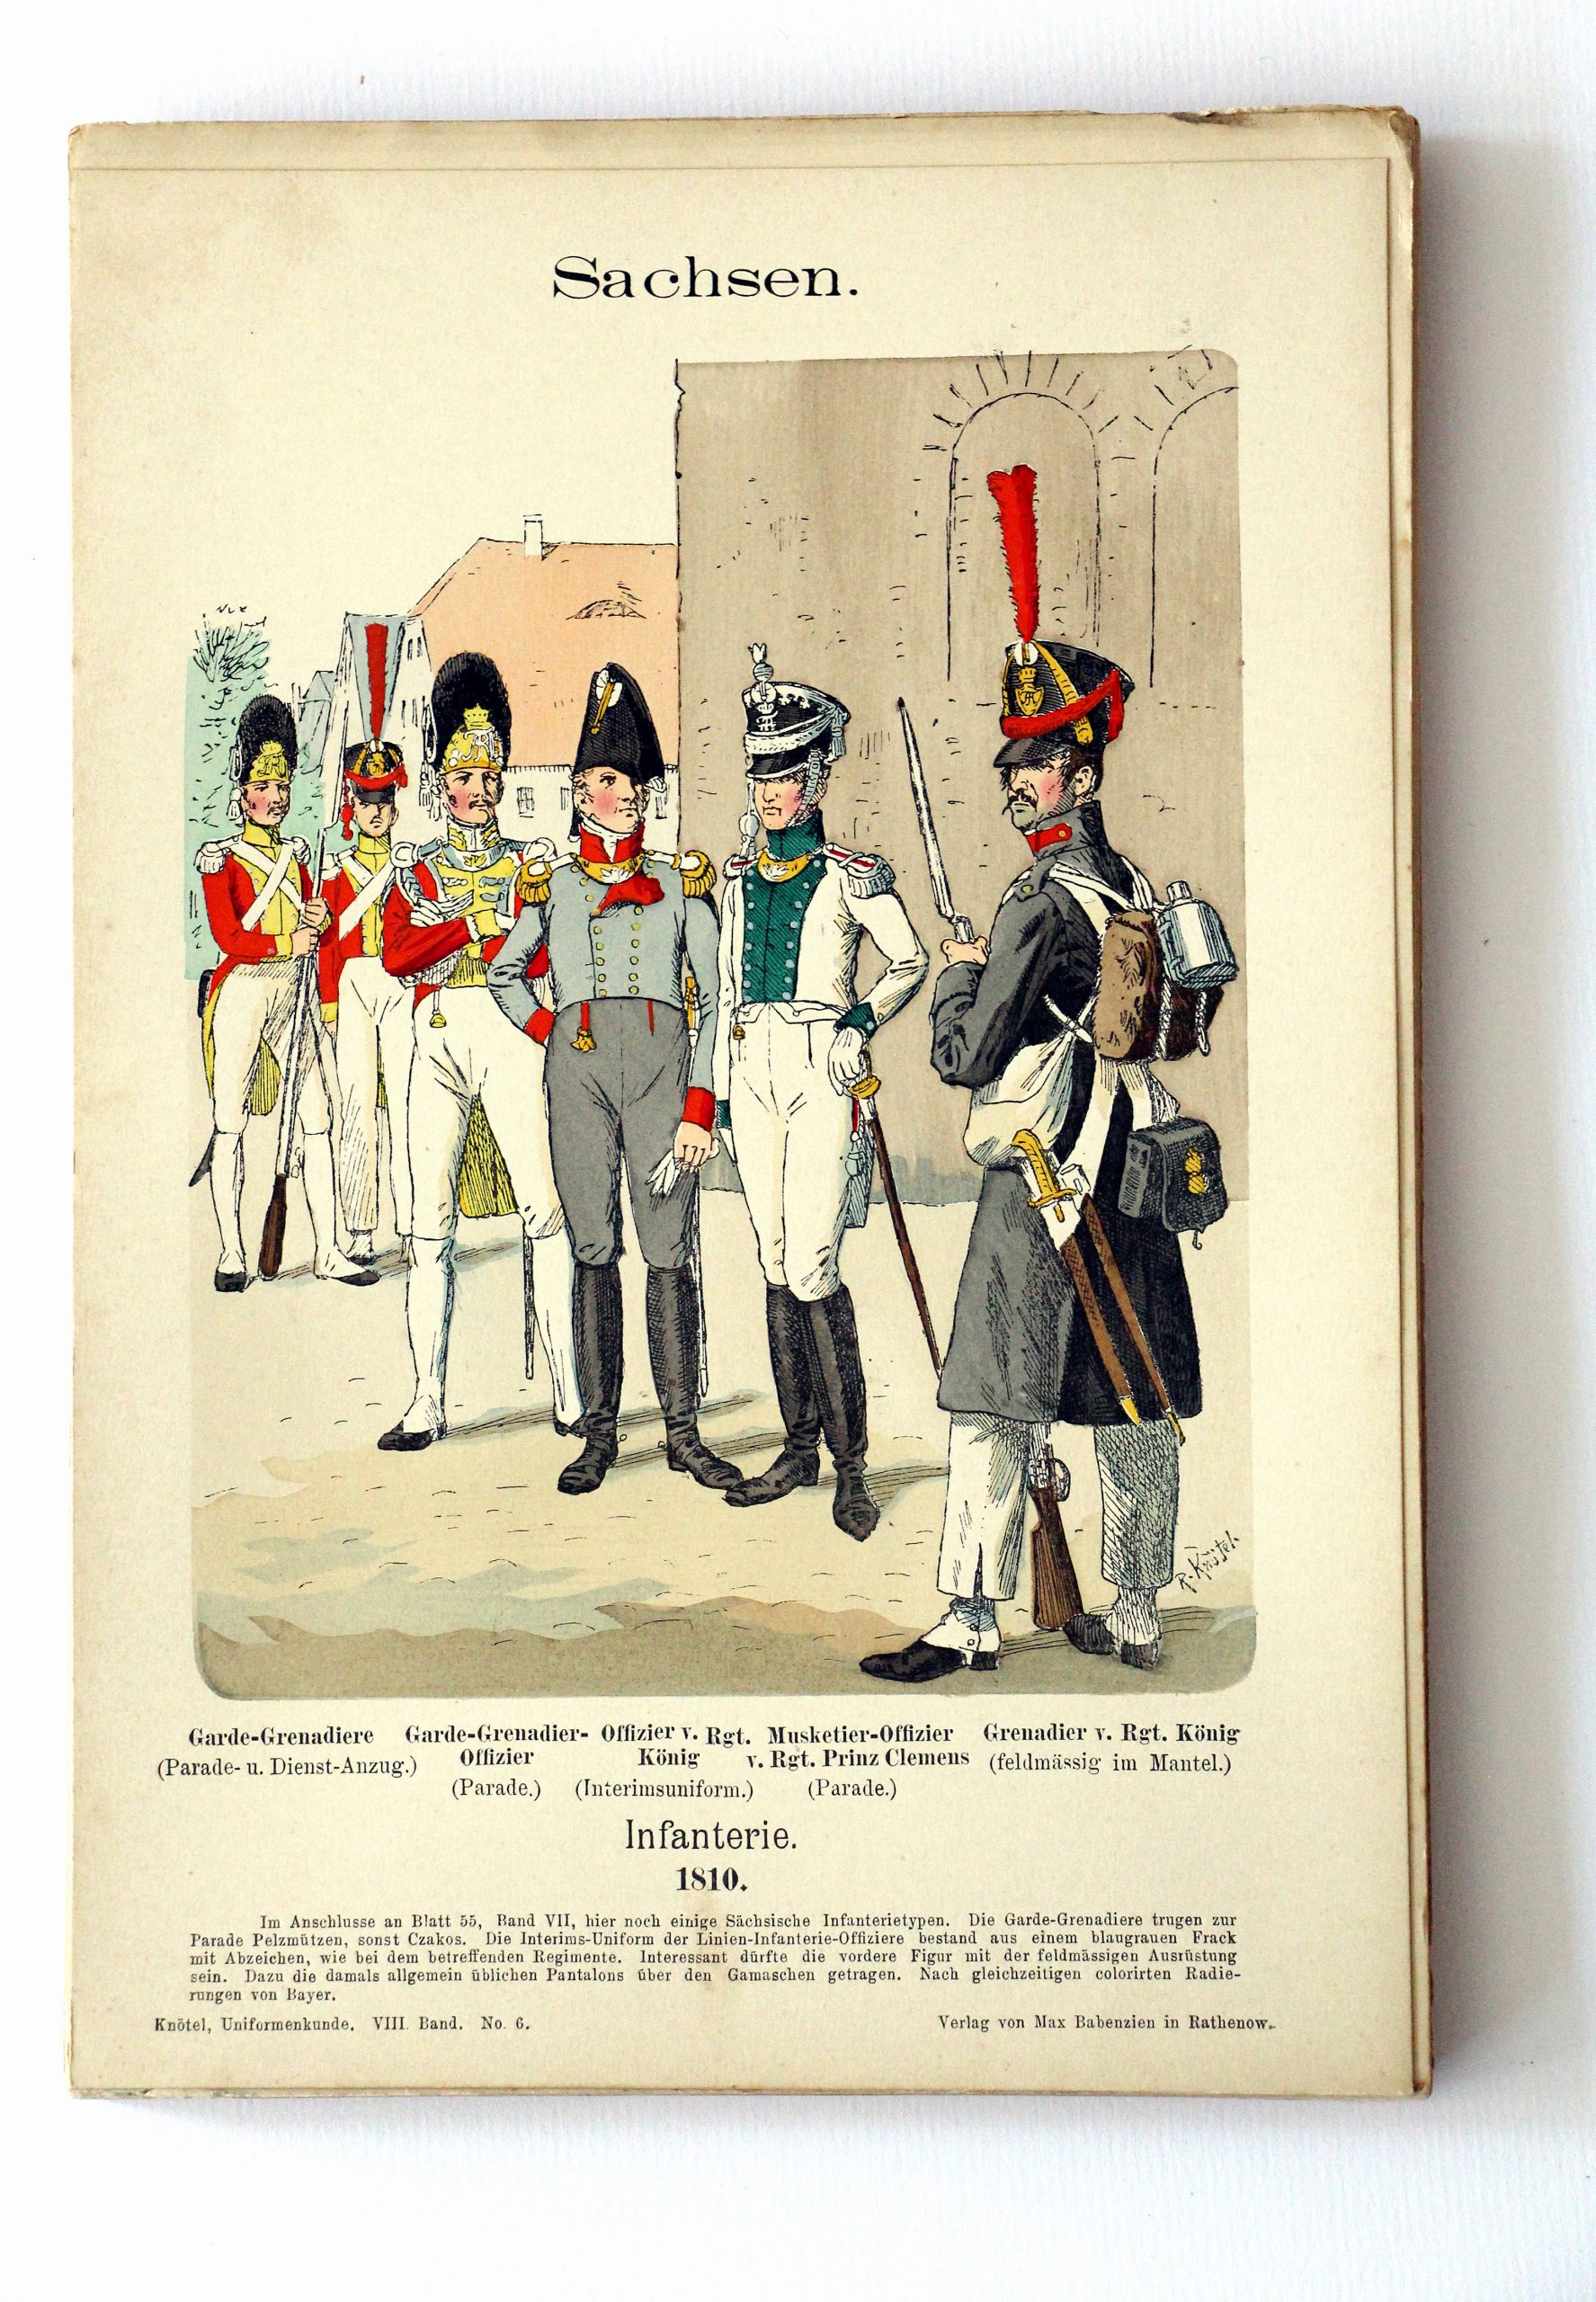 Sachsen - Uniformenkunde - Richard Knoetel - VIII - Planche 6